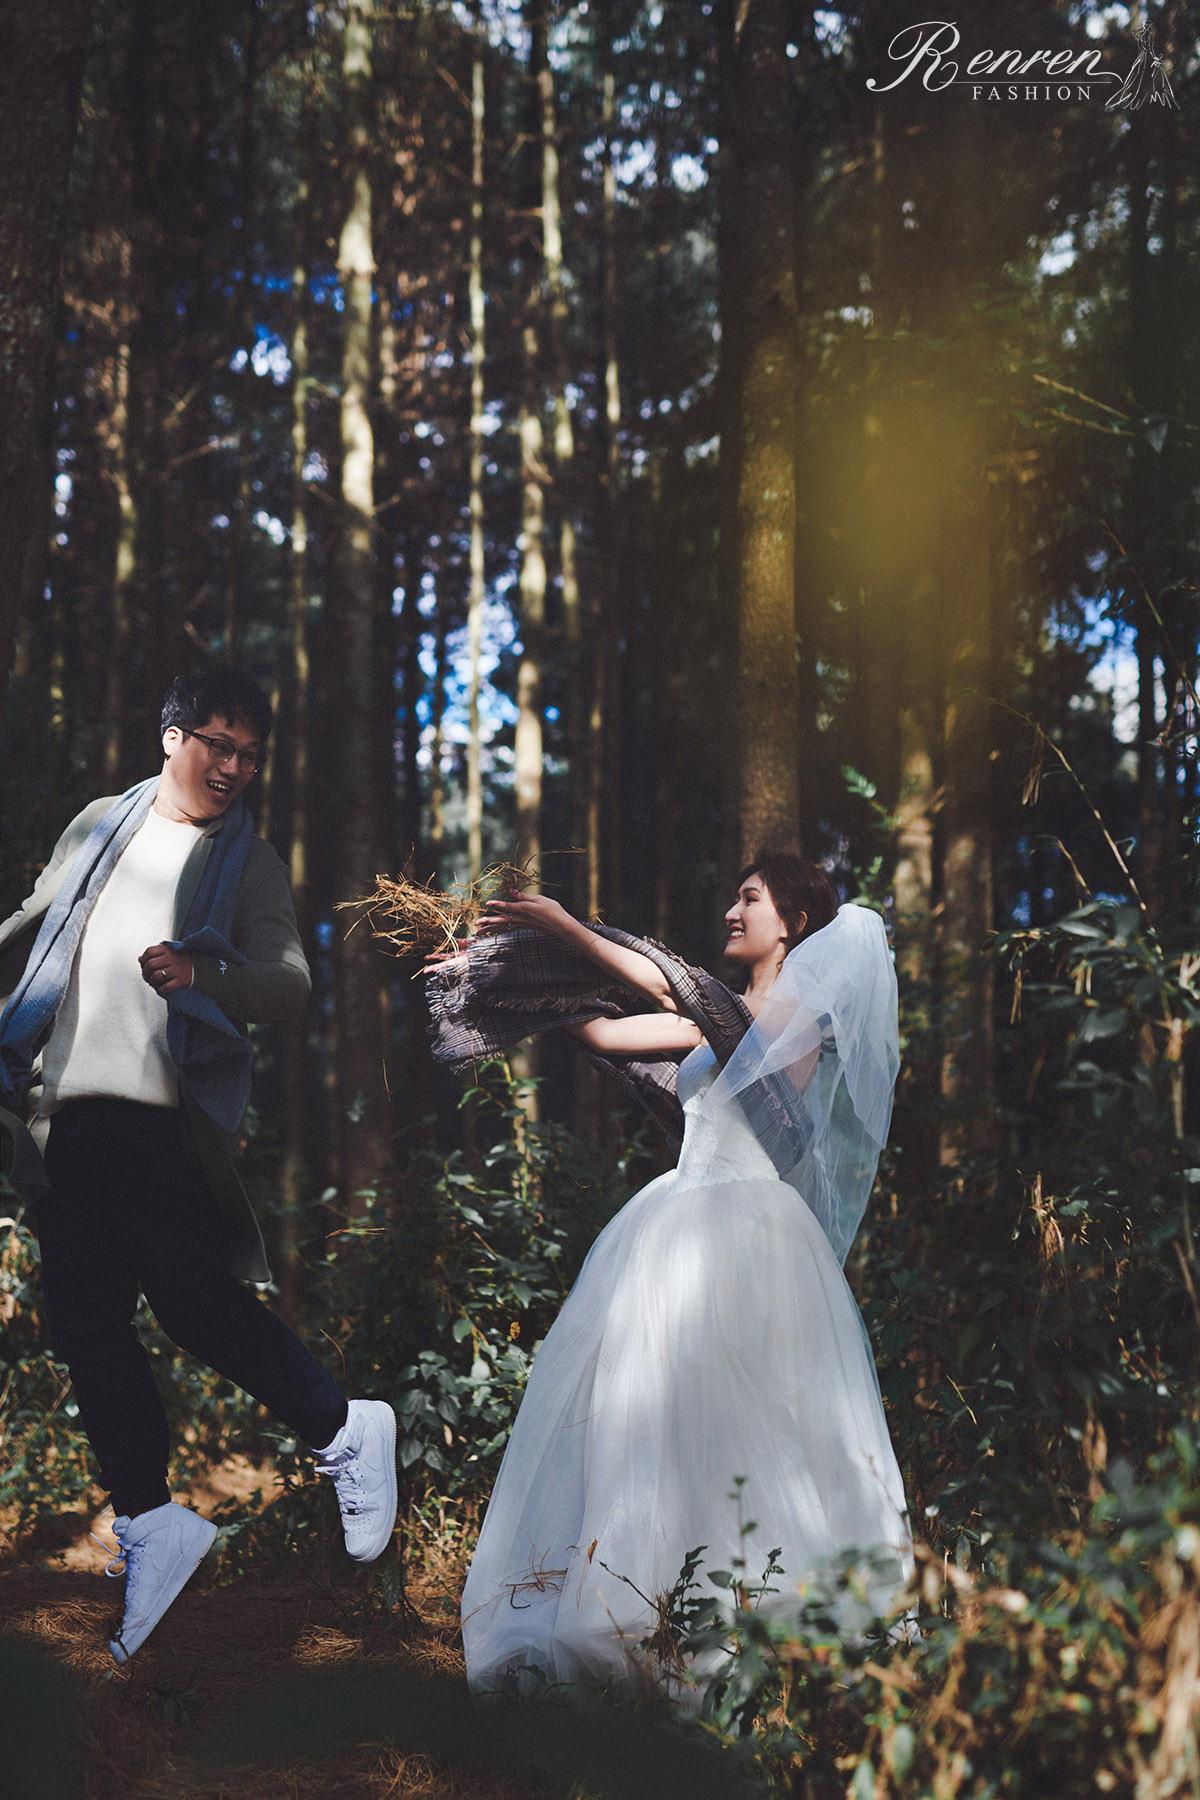 魏沐-慕朵影像-紀實婚紗-雲南-大理-03